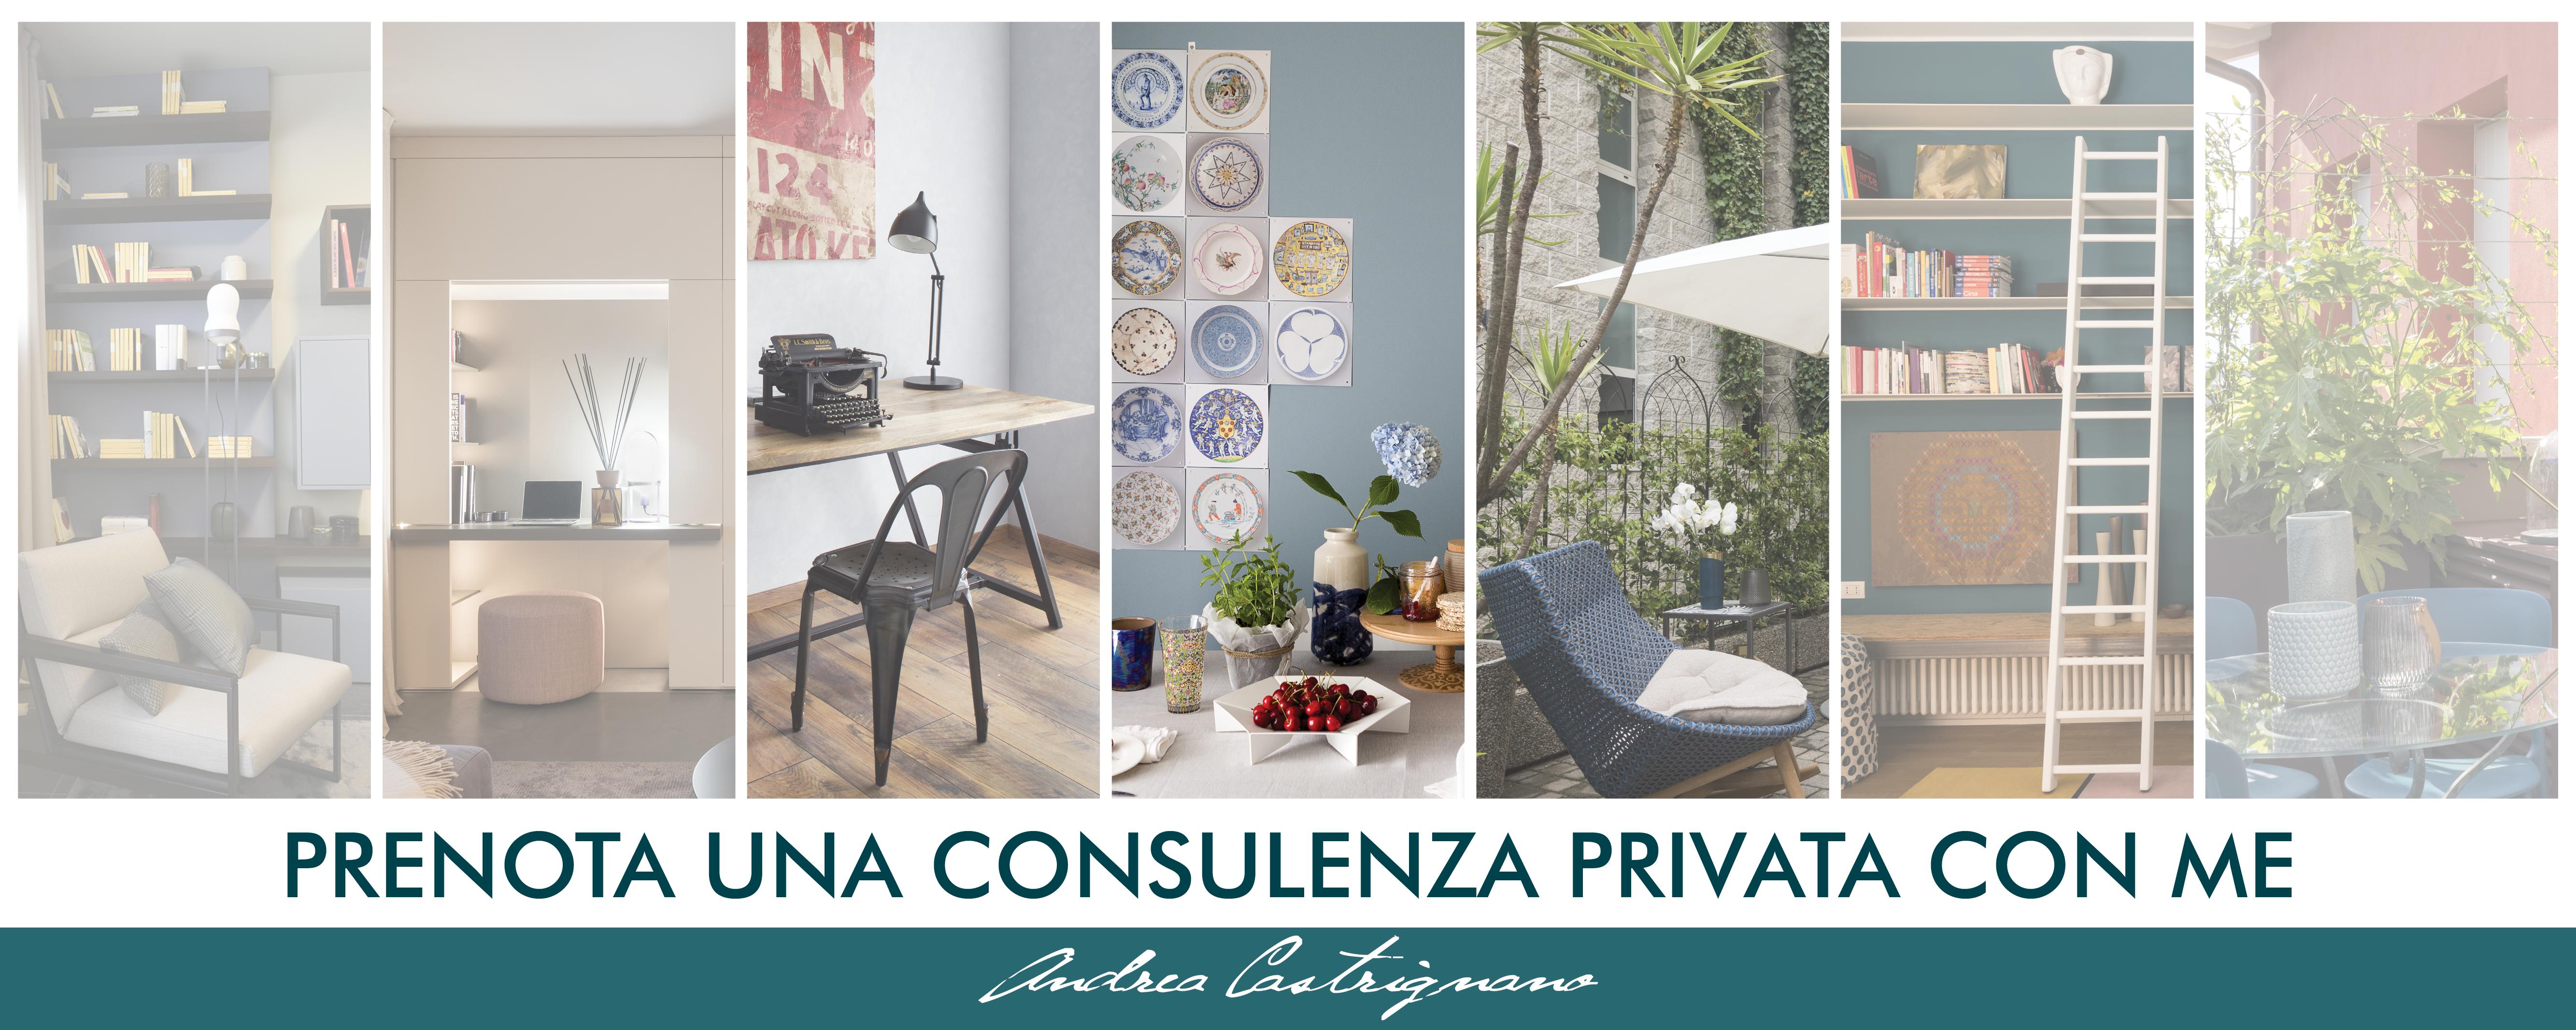 Consulenza privata con l'interior designer Andrea Castrignano